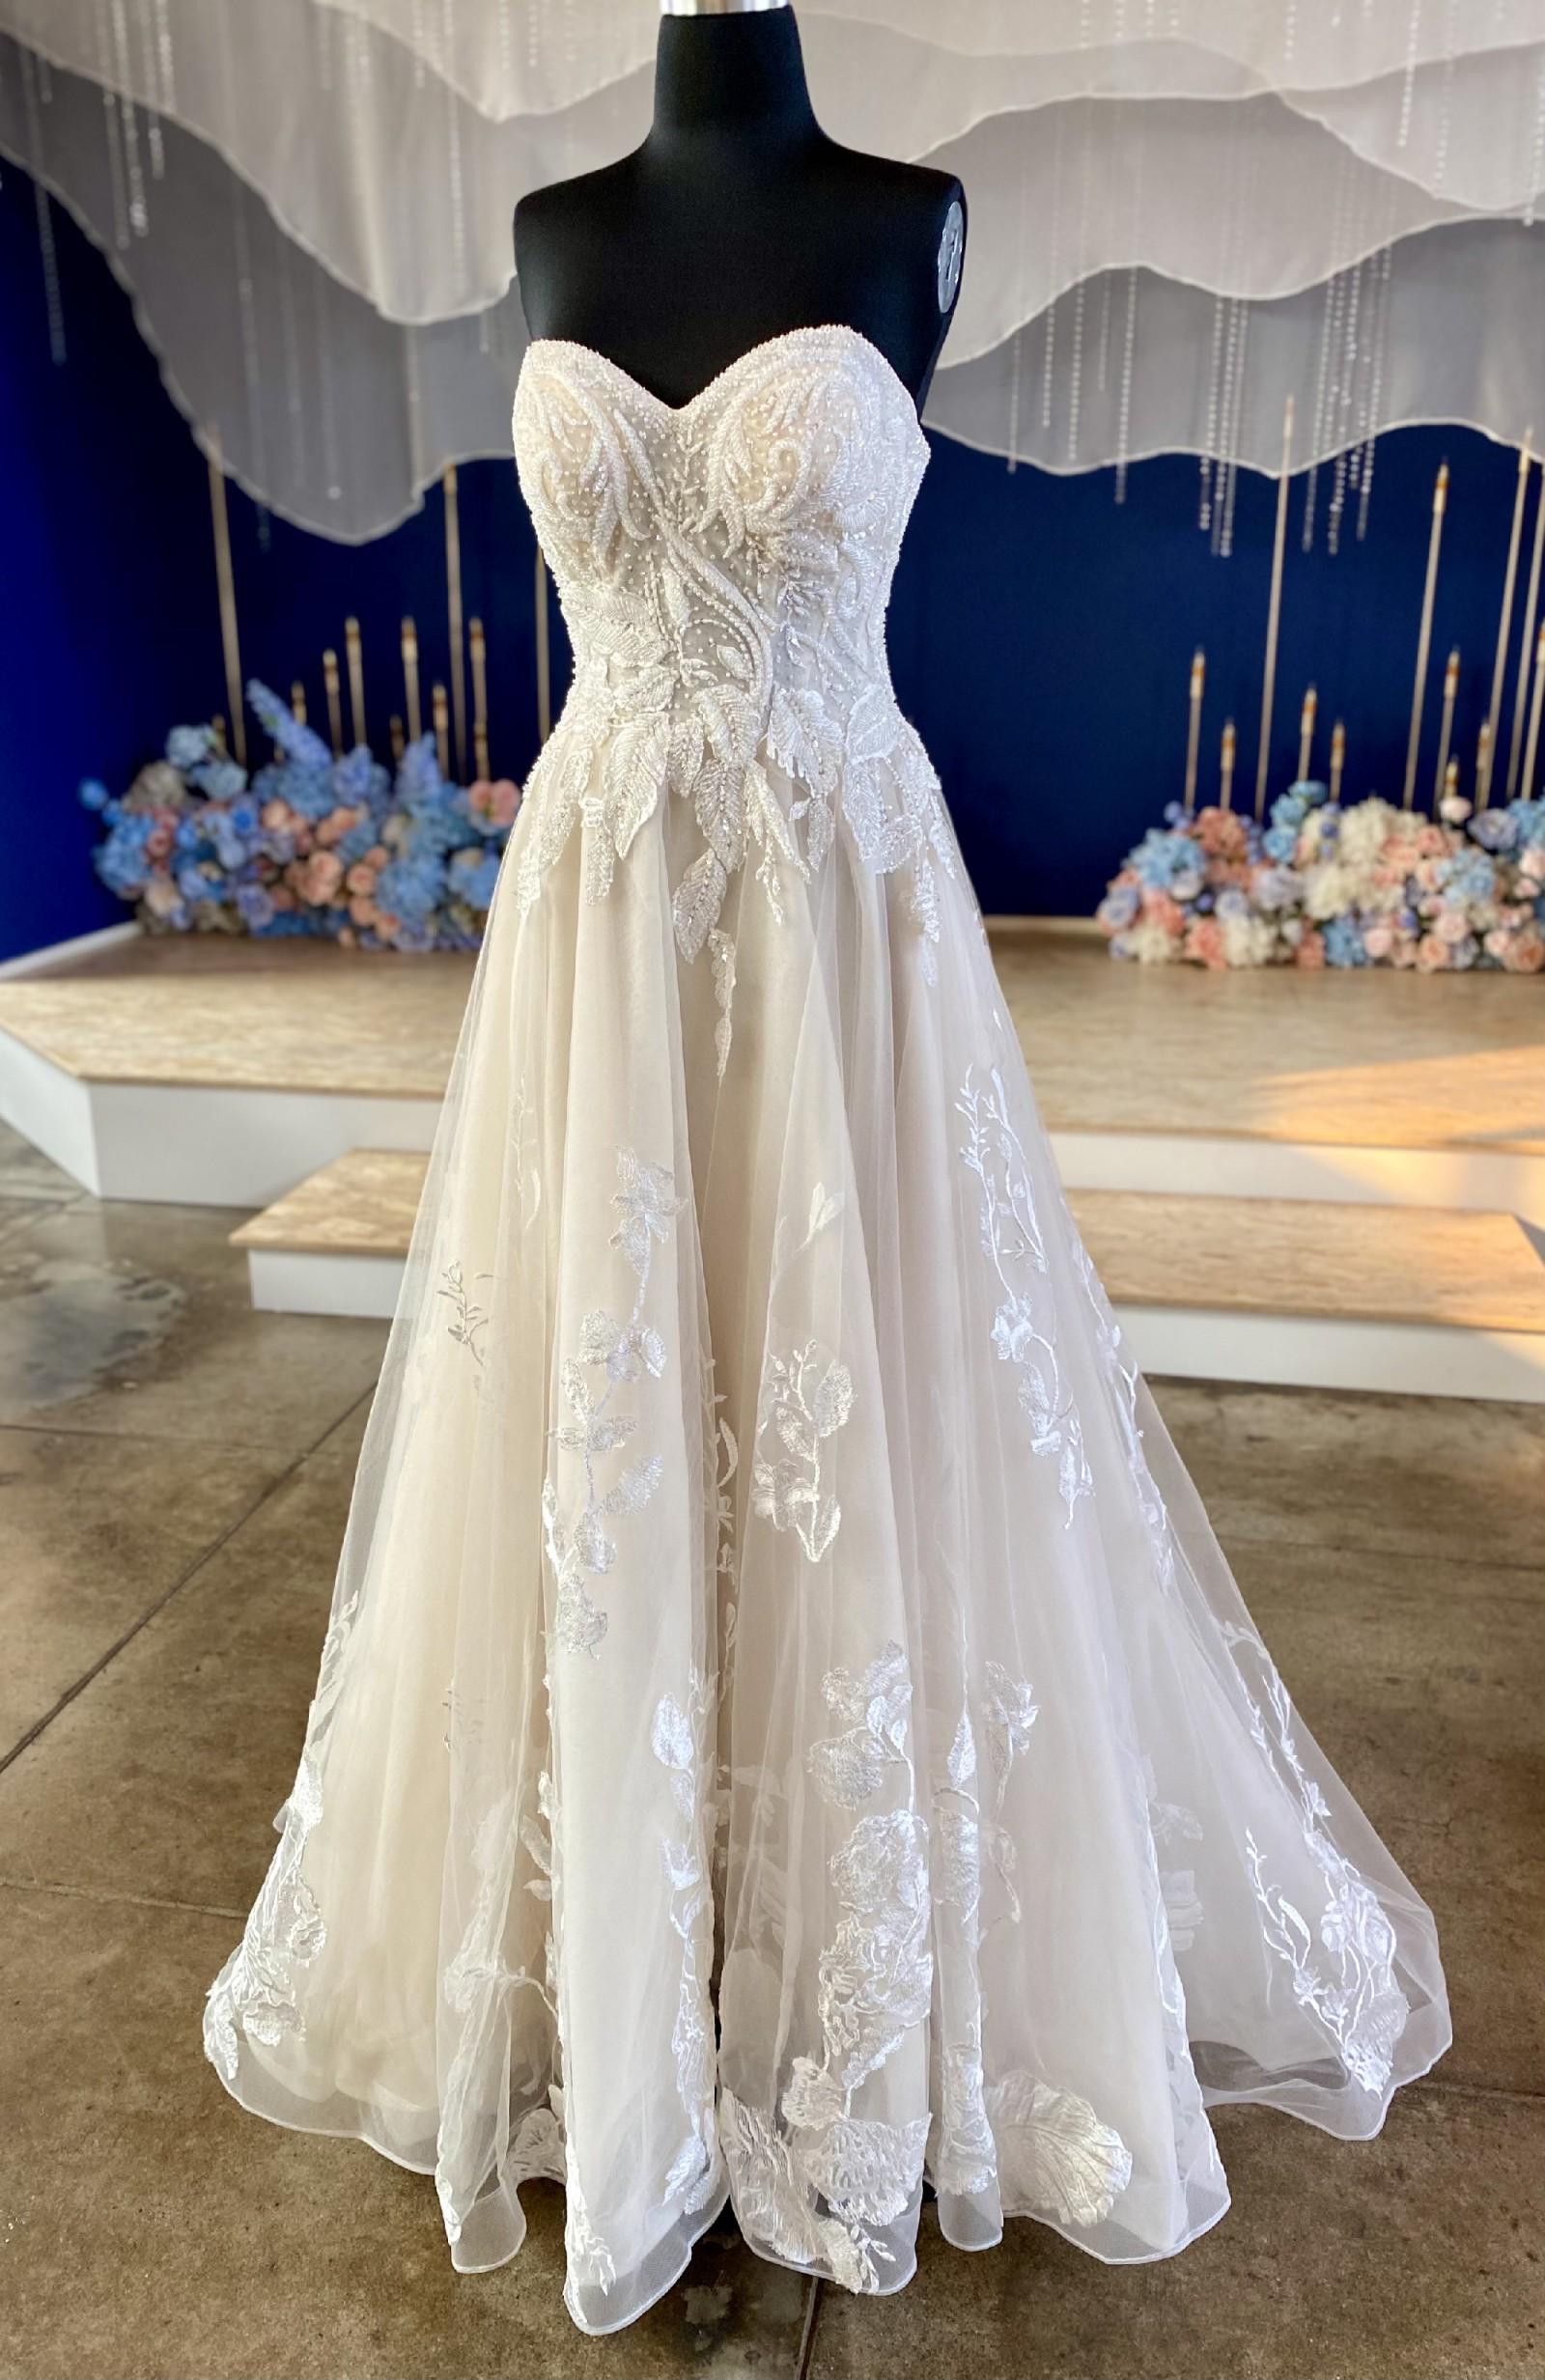 Vp9zqey6jtbmum,Cute Dresses For Weddings Guests